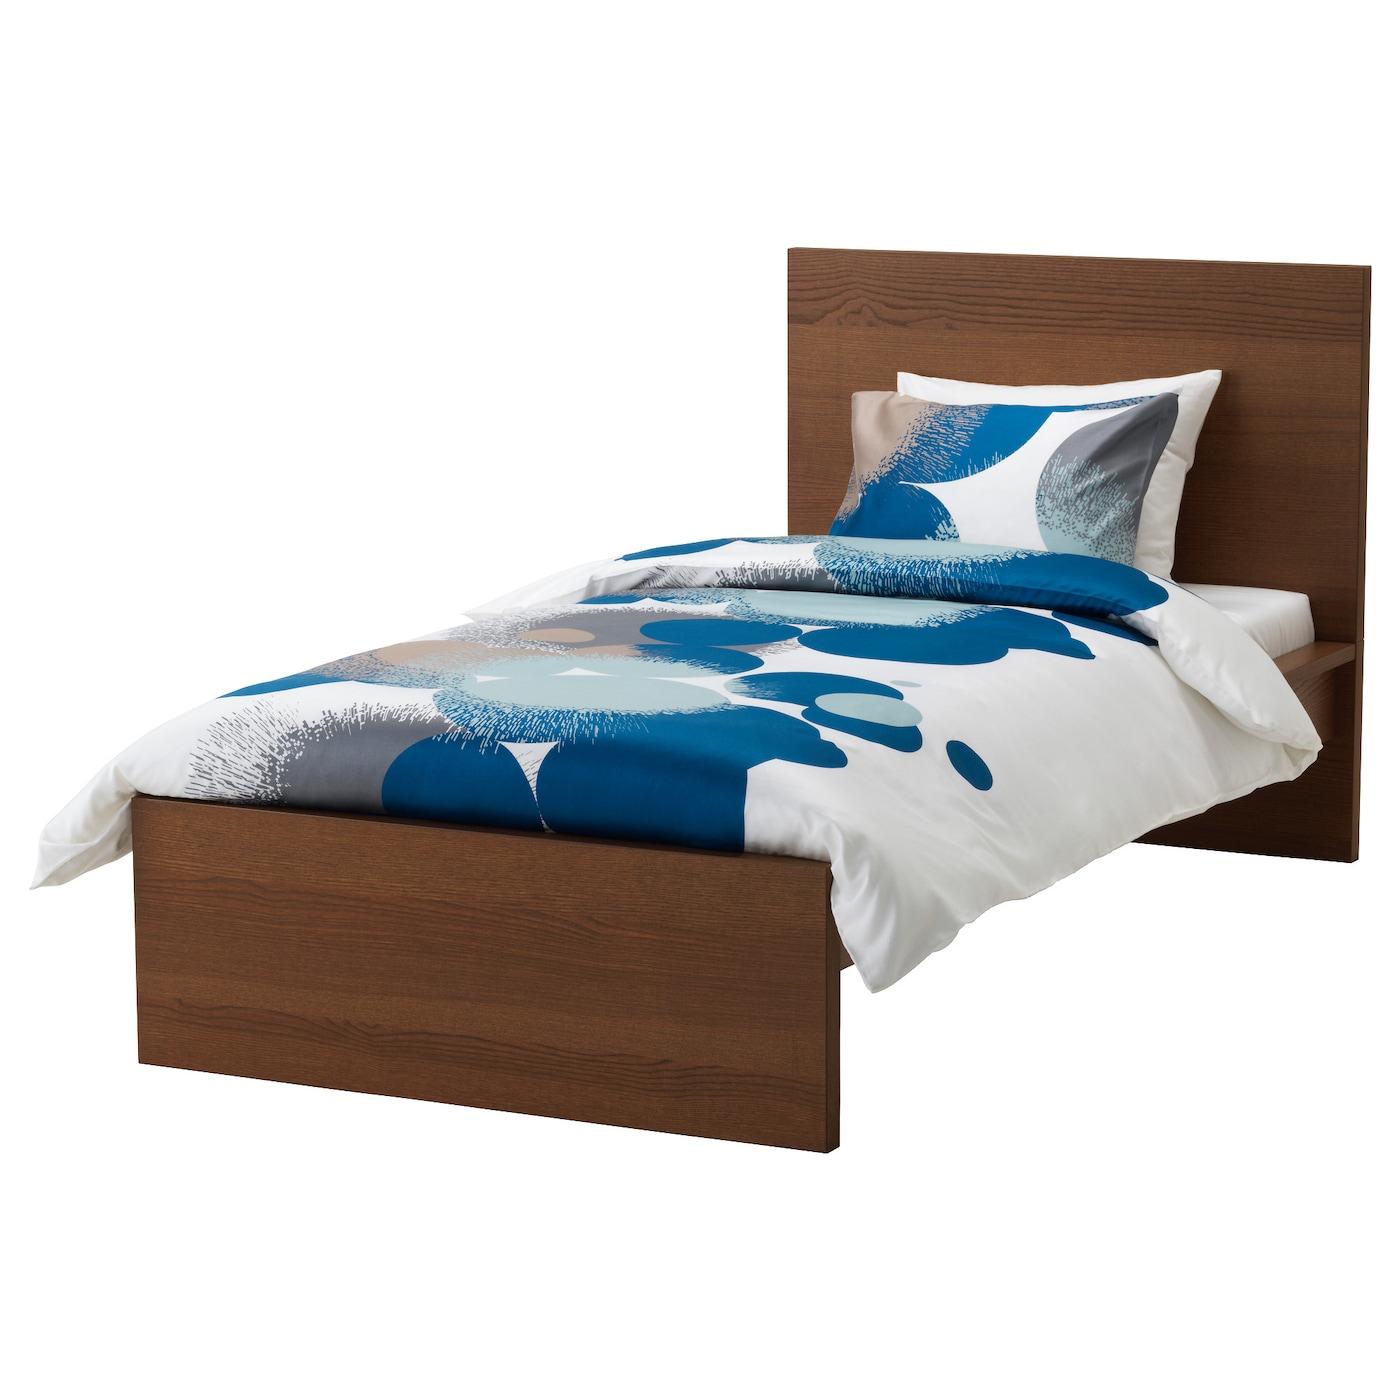 Malm cadre de lit haut teint brun plaqu fr ne l nset for Cadre en bois ikea sofa